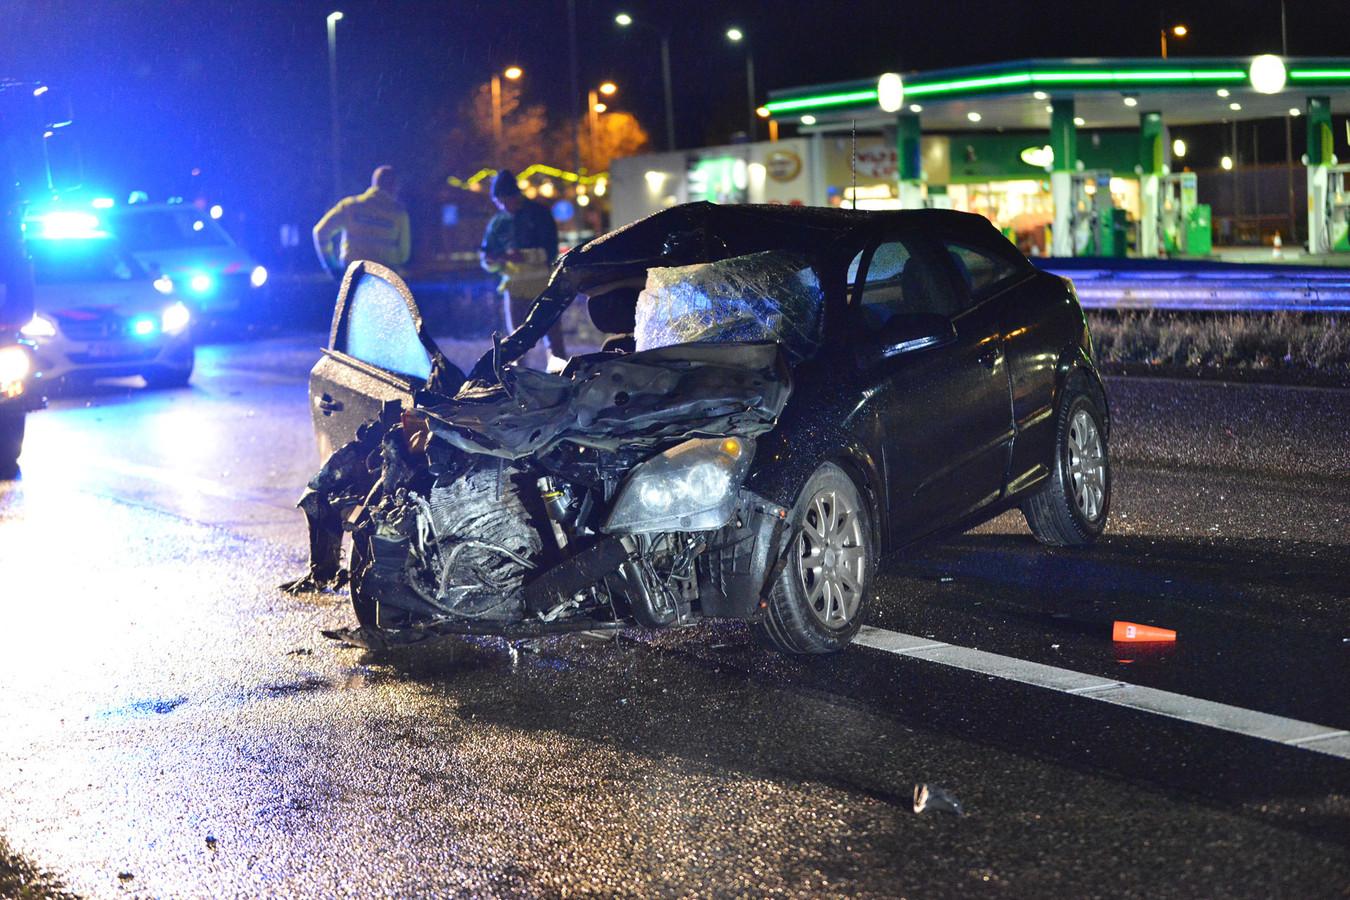 De ravage vlak na het ongeval op 14 december 2019.